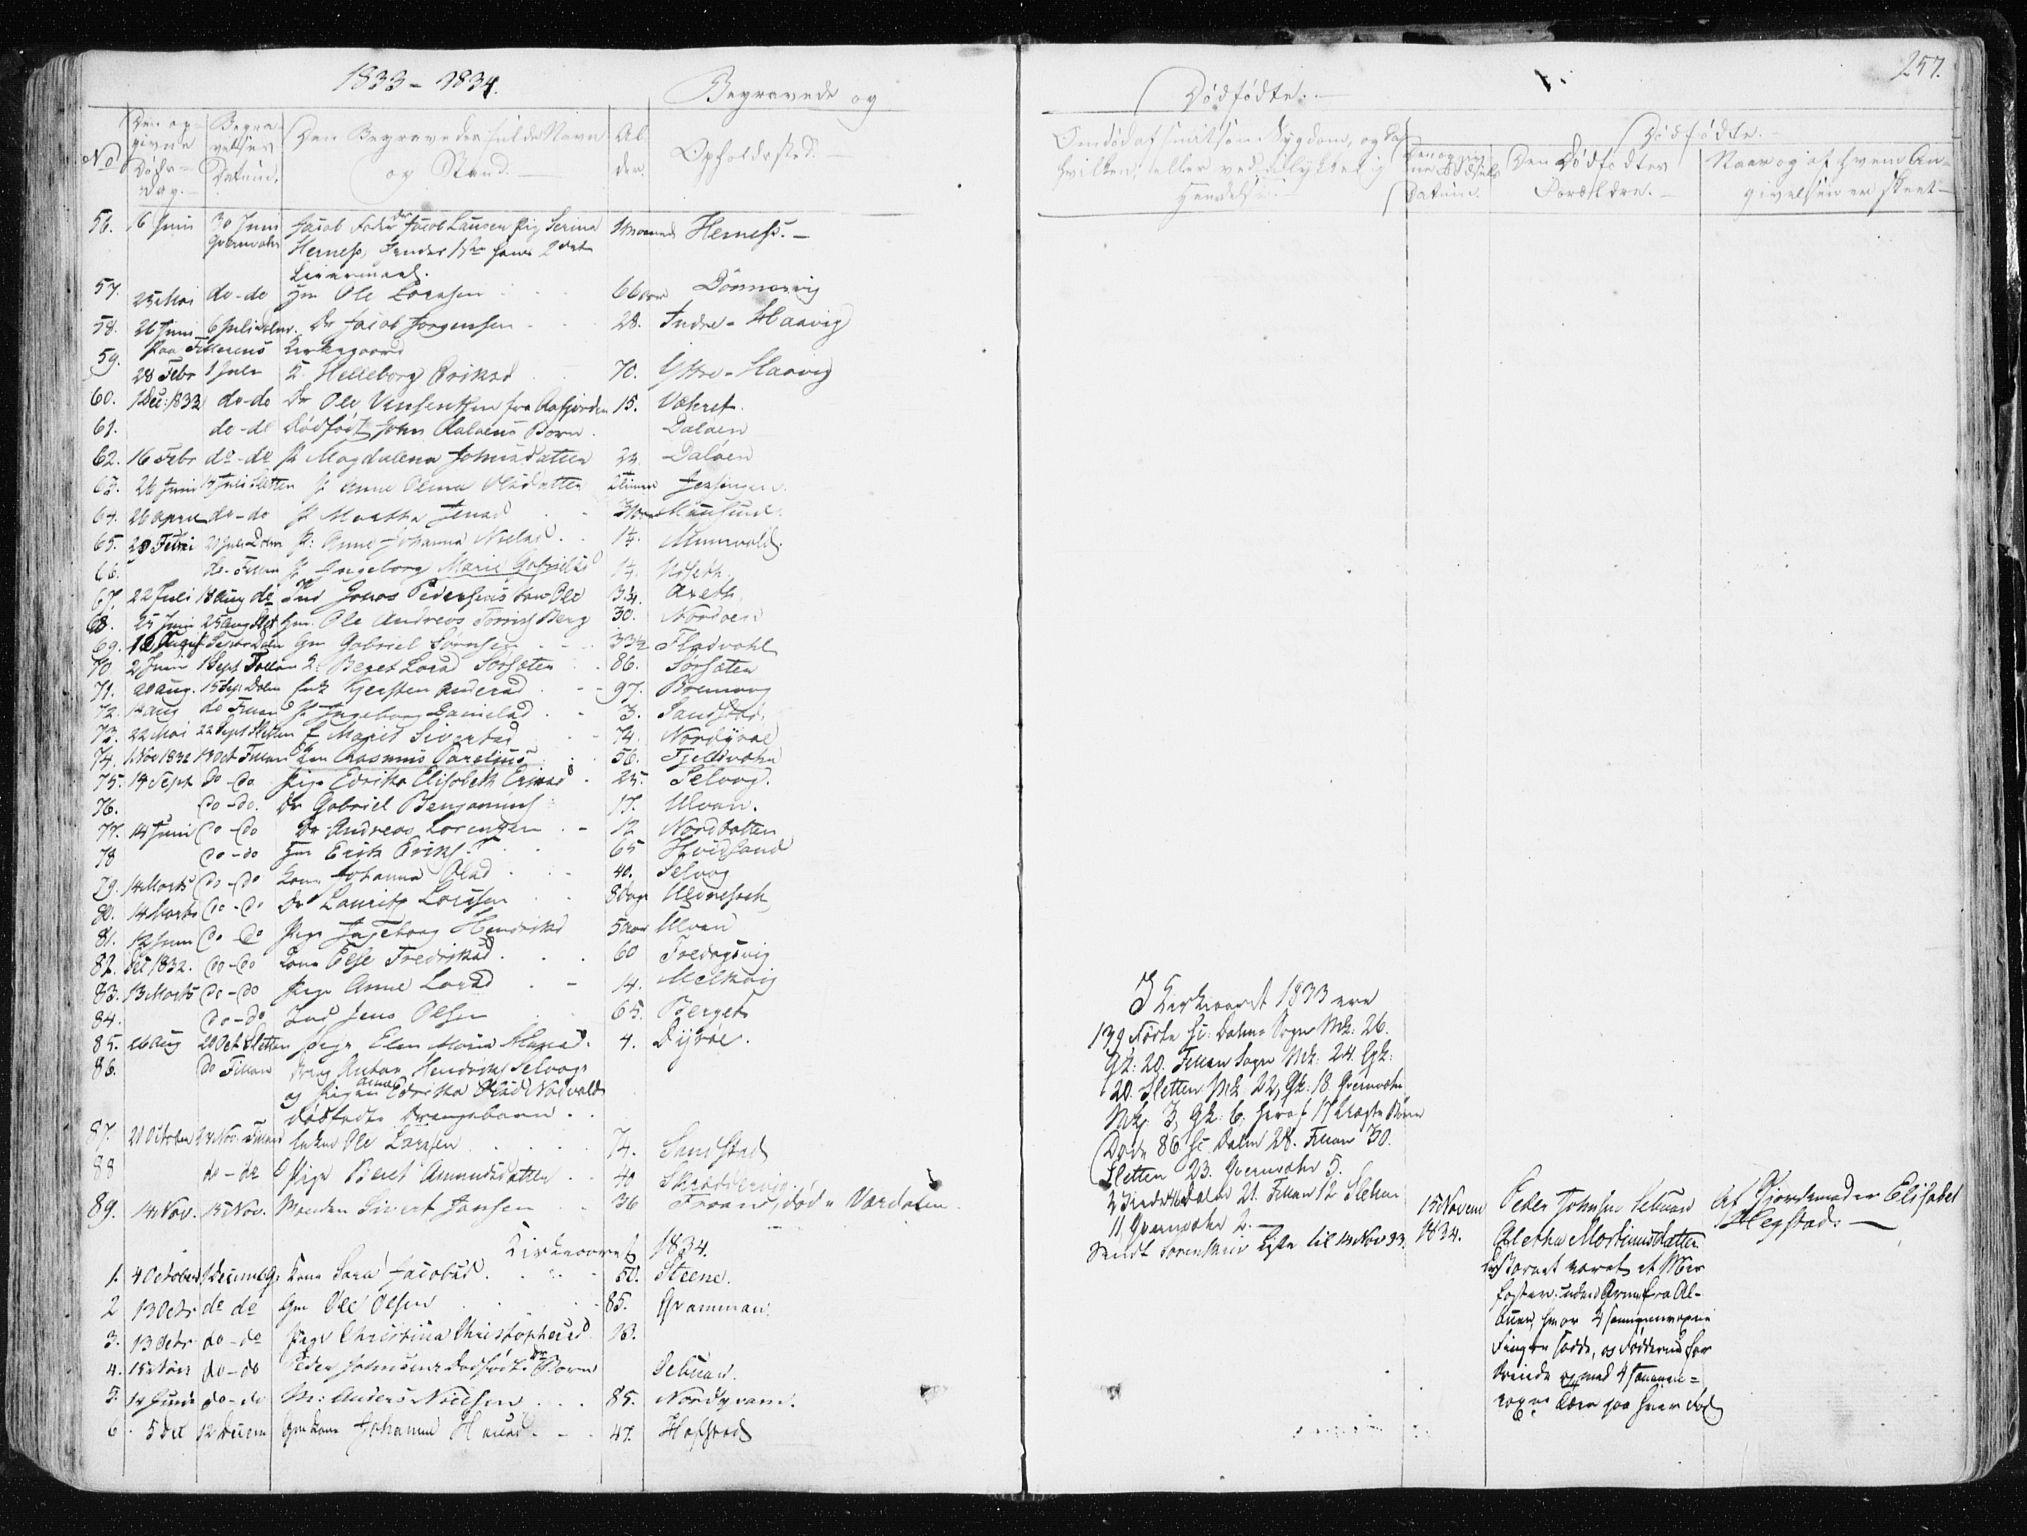 SAT, Ministerialprotokoller, klokkerbøker og fødselsregistre - Sør-Trøndelag, 634/L0528: Ministerialbok nr. 634A04, 1827-1842, s. 257